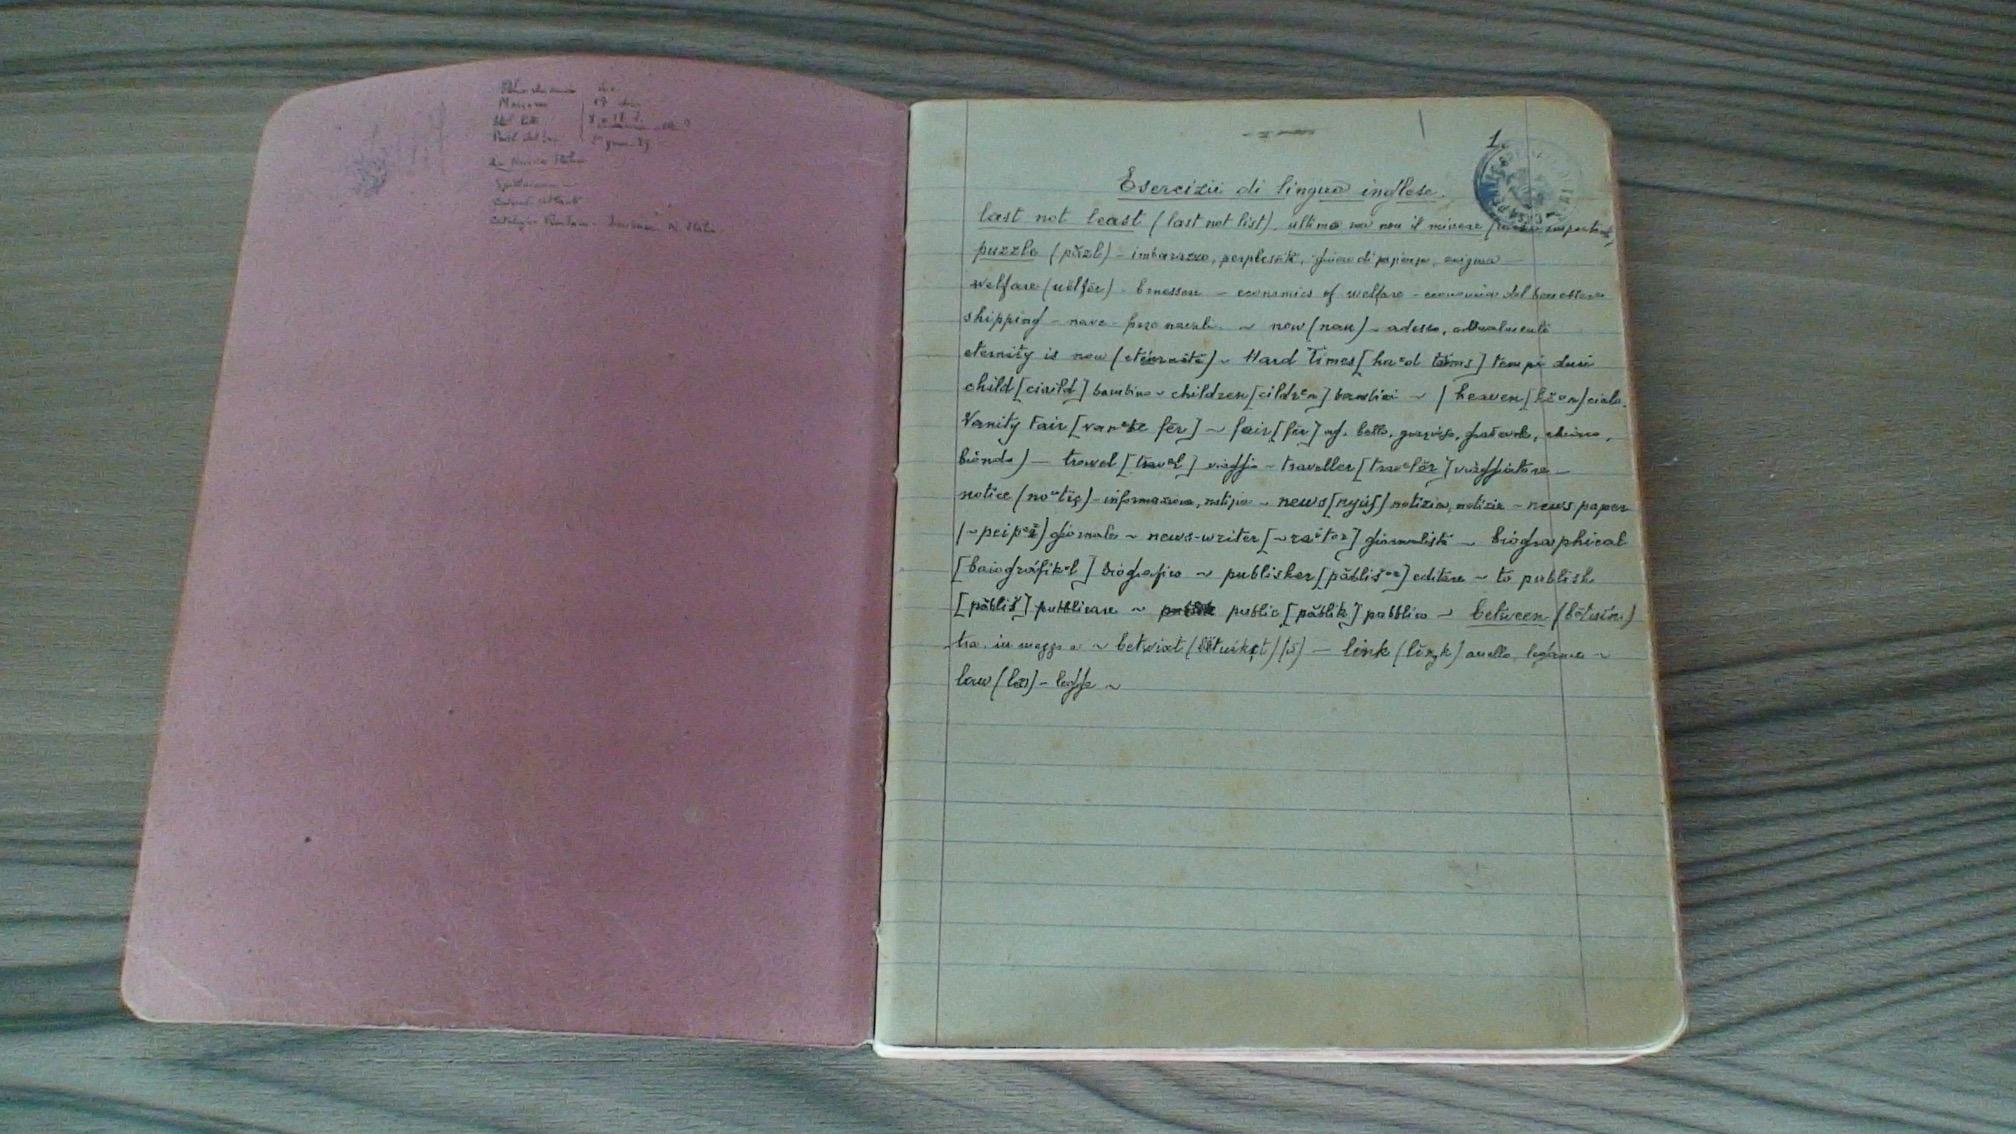 """La mostra """"Antonio Gramsci, i quaderni e i libri dal carcere"""" arriva a Cagliari. In esposizione i libri e i manoscritti originali del grande pensatore sardo"""